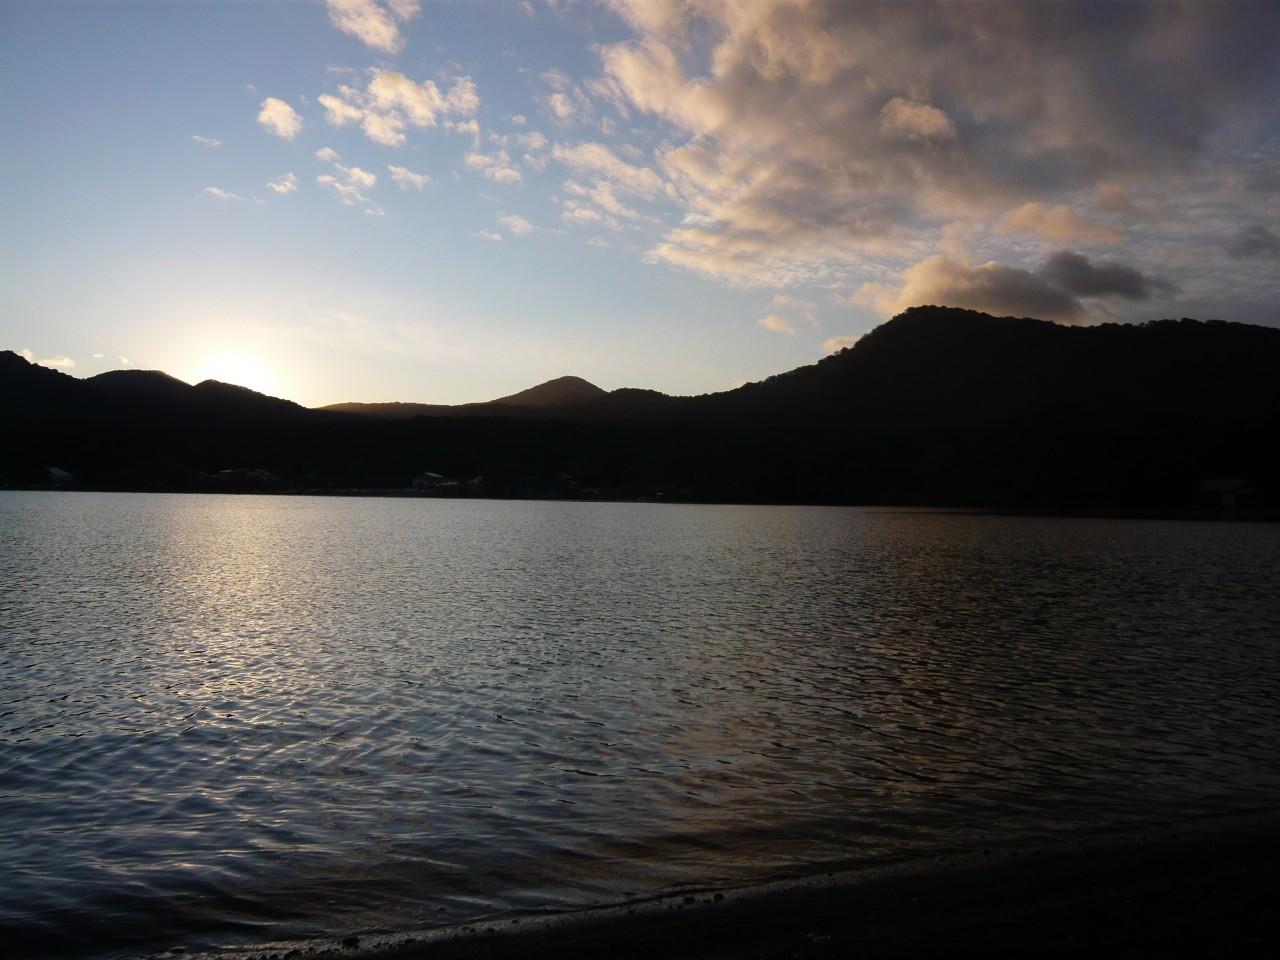 青森 十和田市 上北 秋 十和田湖 日の出 朝日 自然 早朝 風景